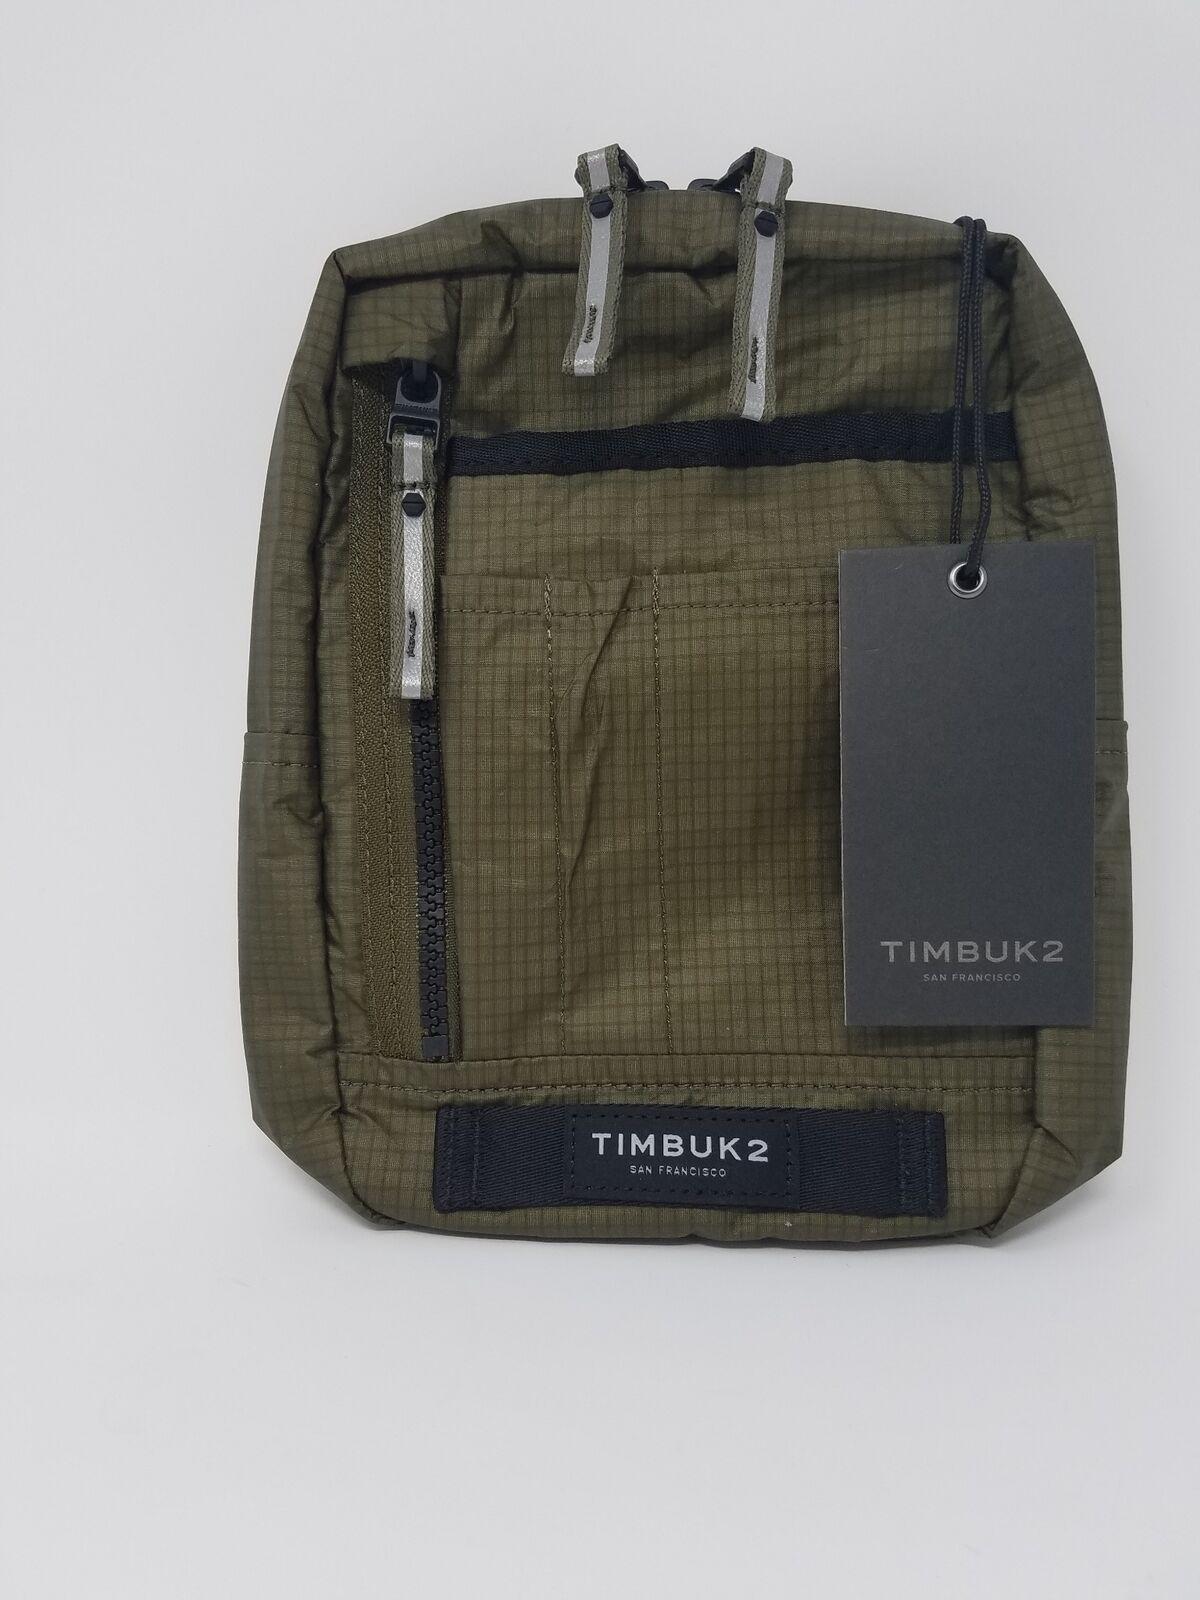 Timbuk2 Zip Kit - Olivine